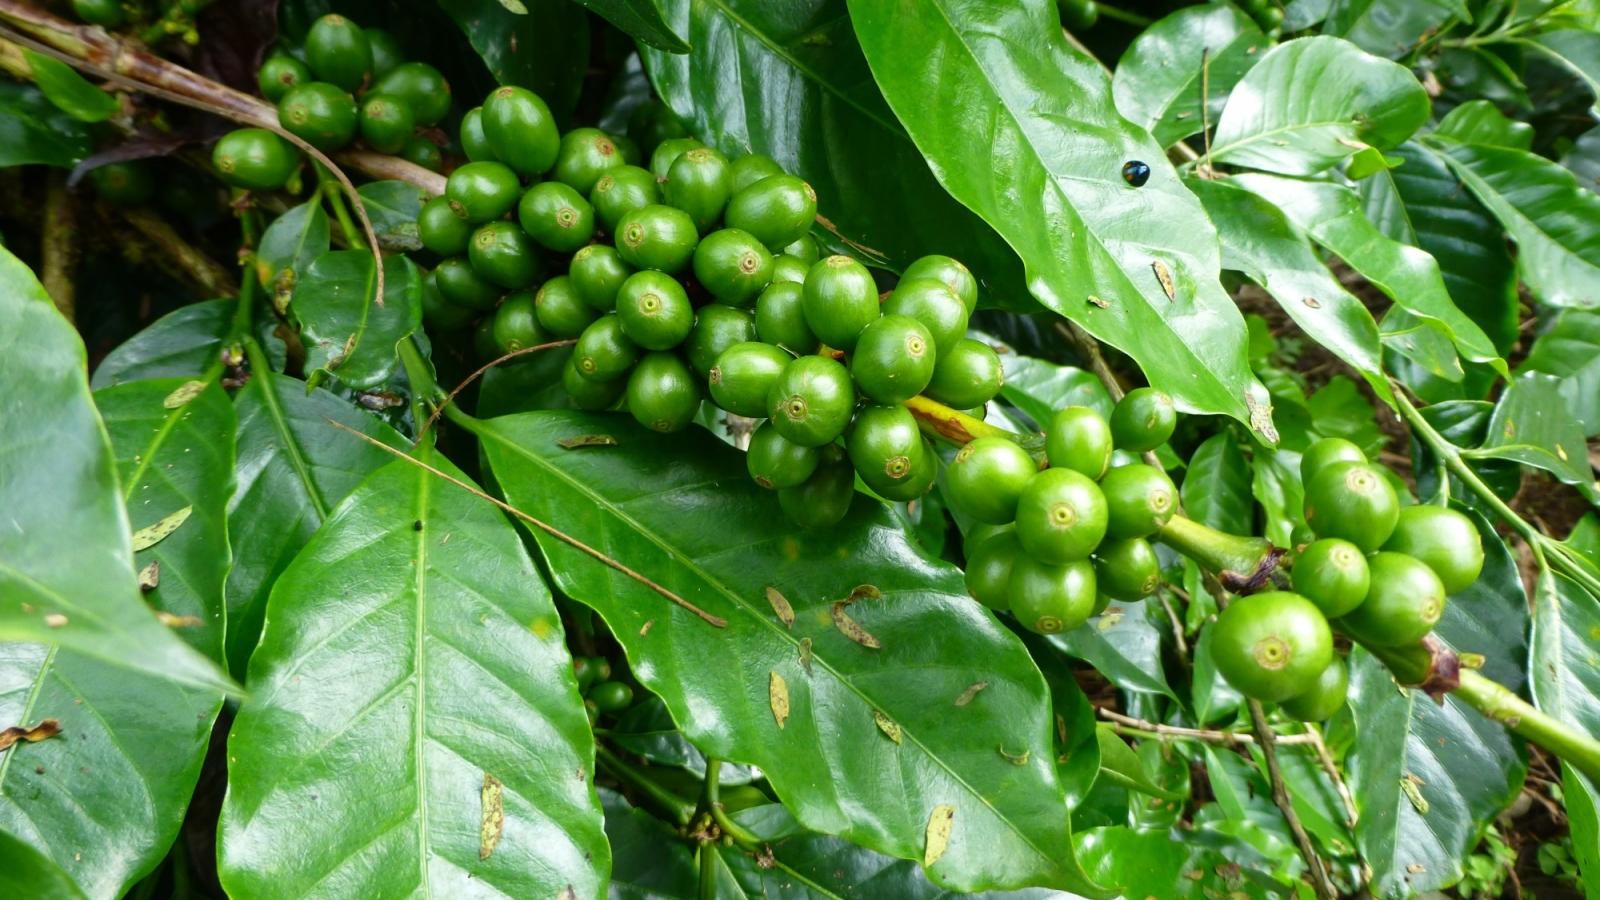 coffee cherries on plant